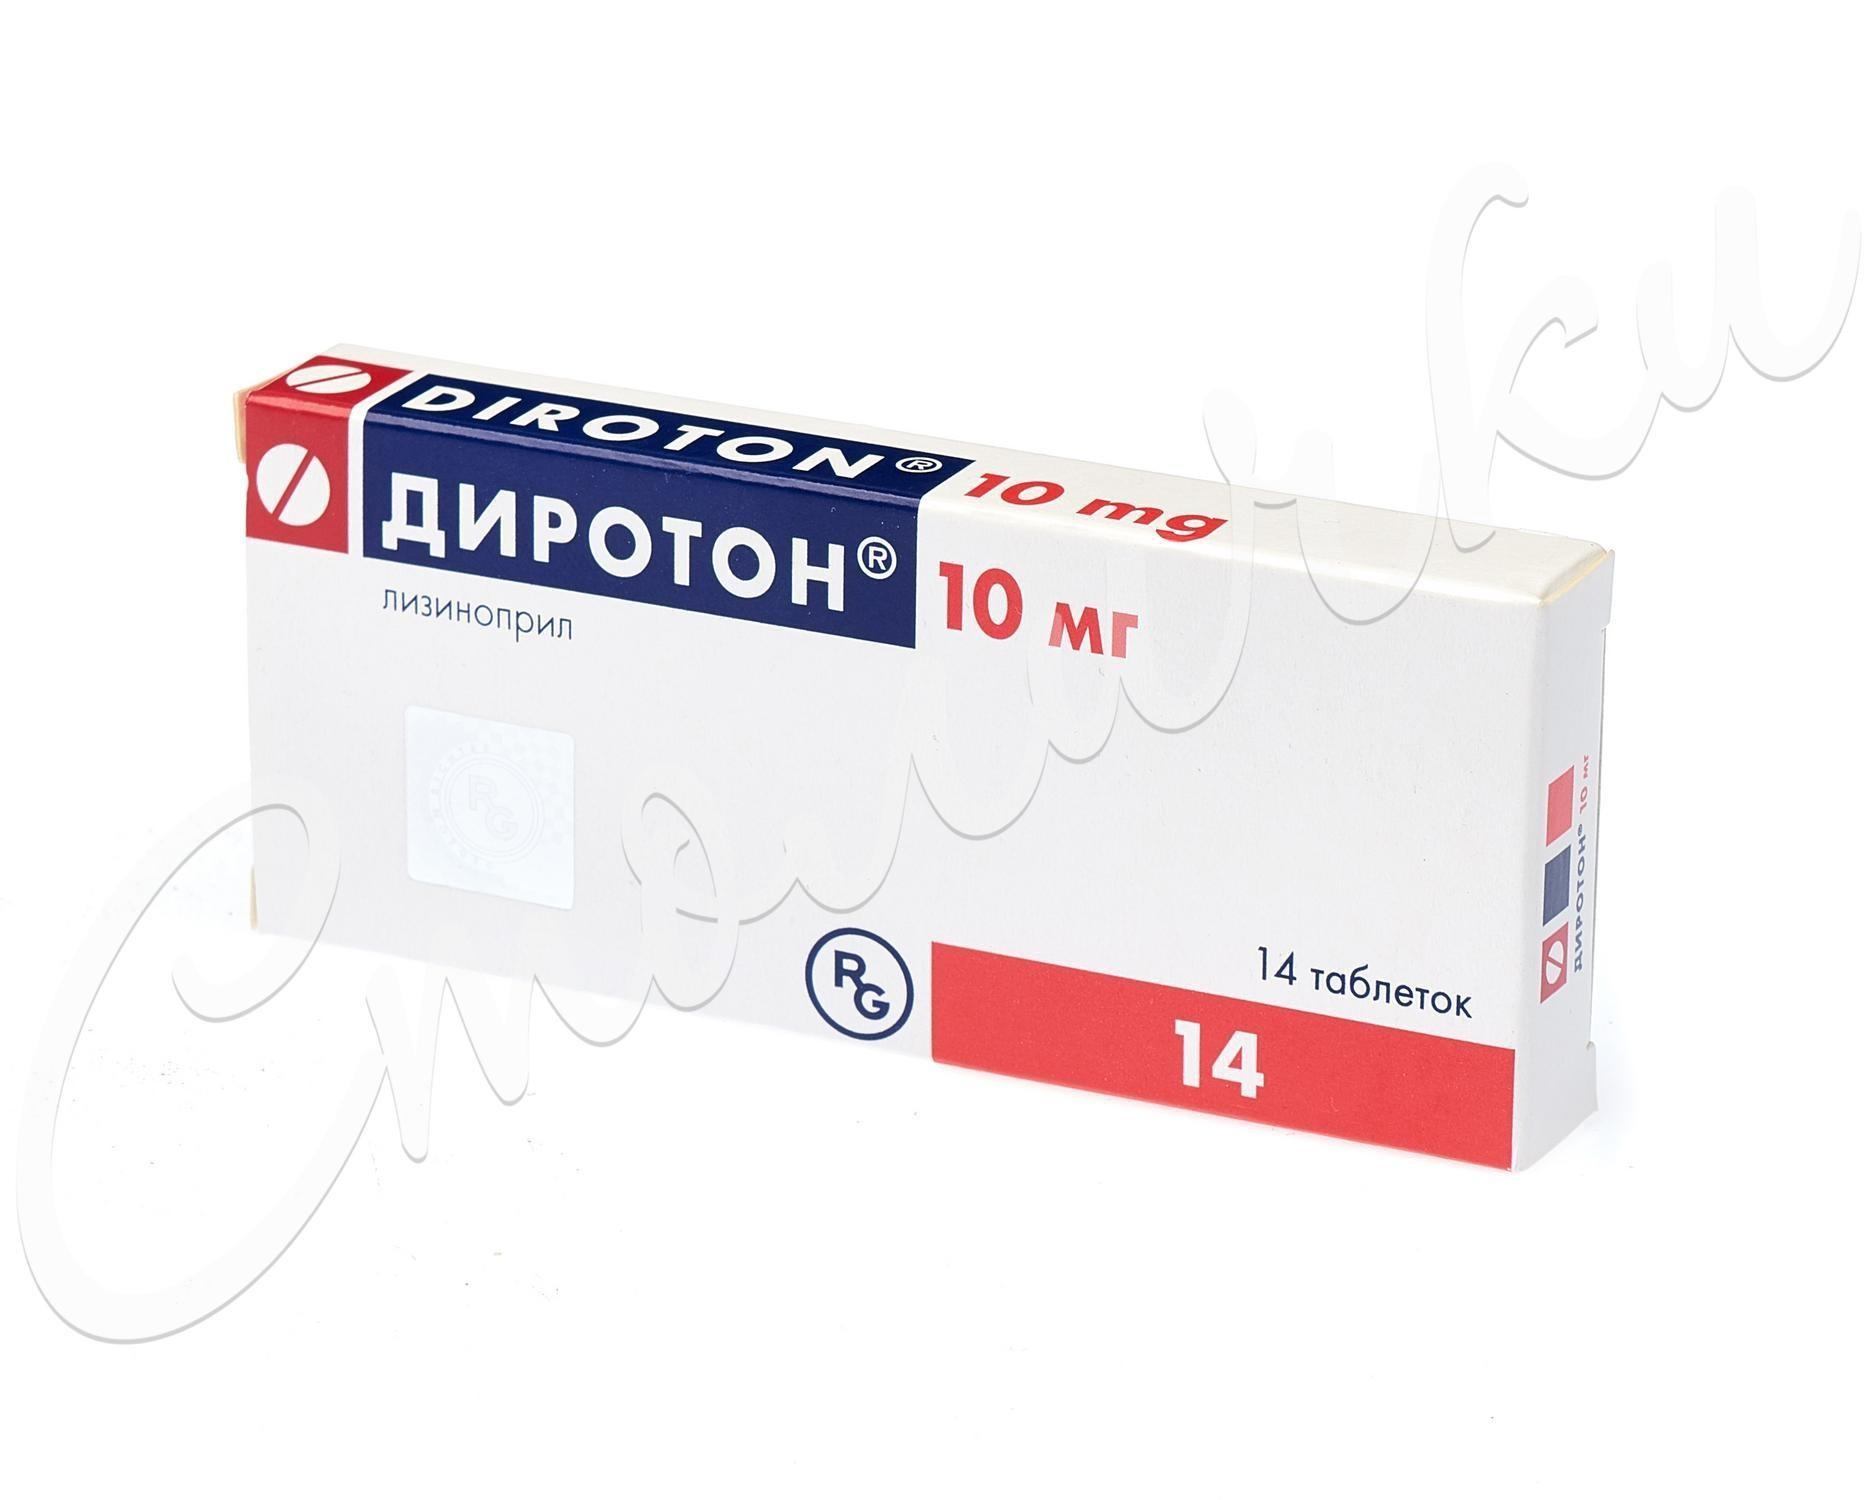 Диротон понижает давление или нет